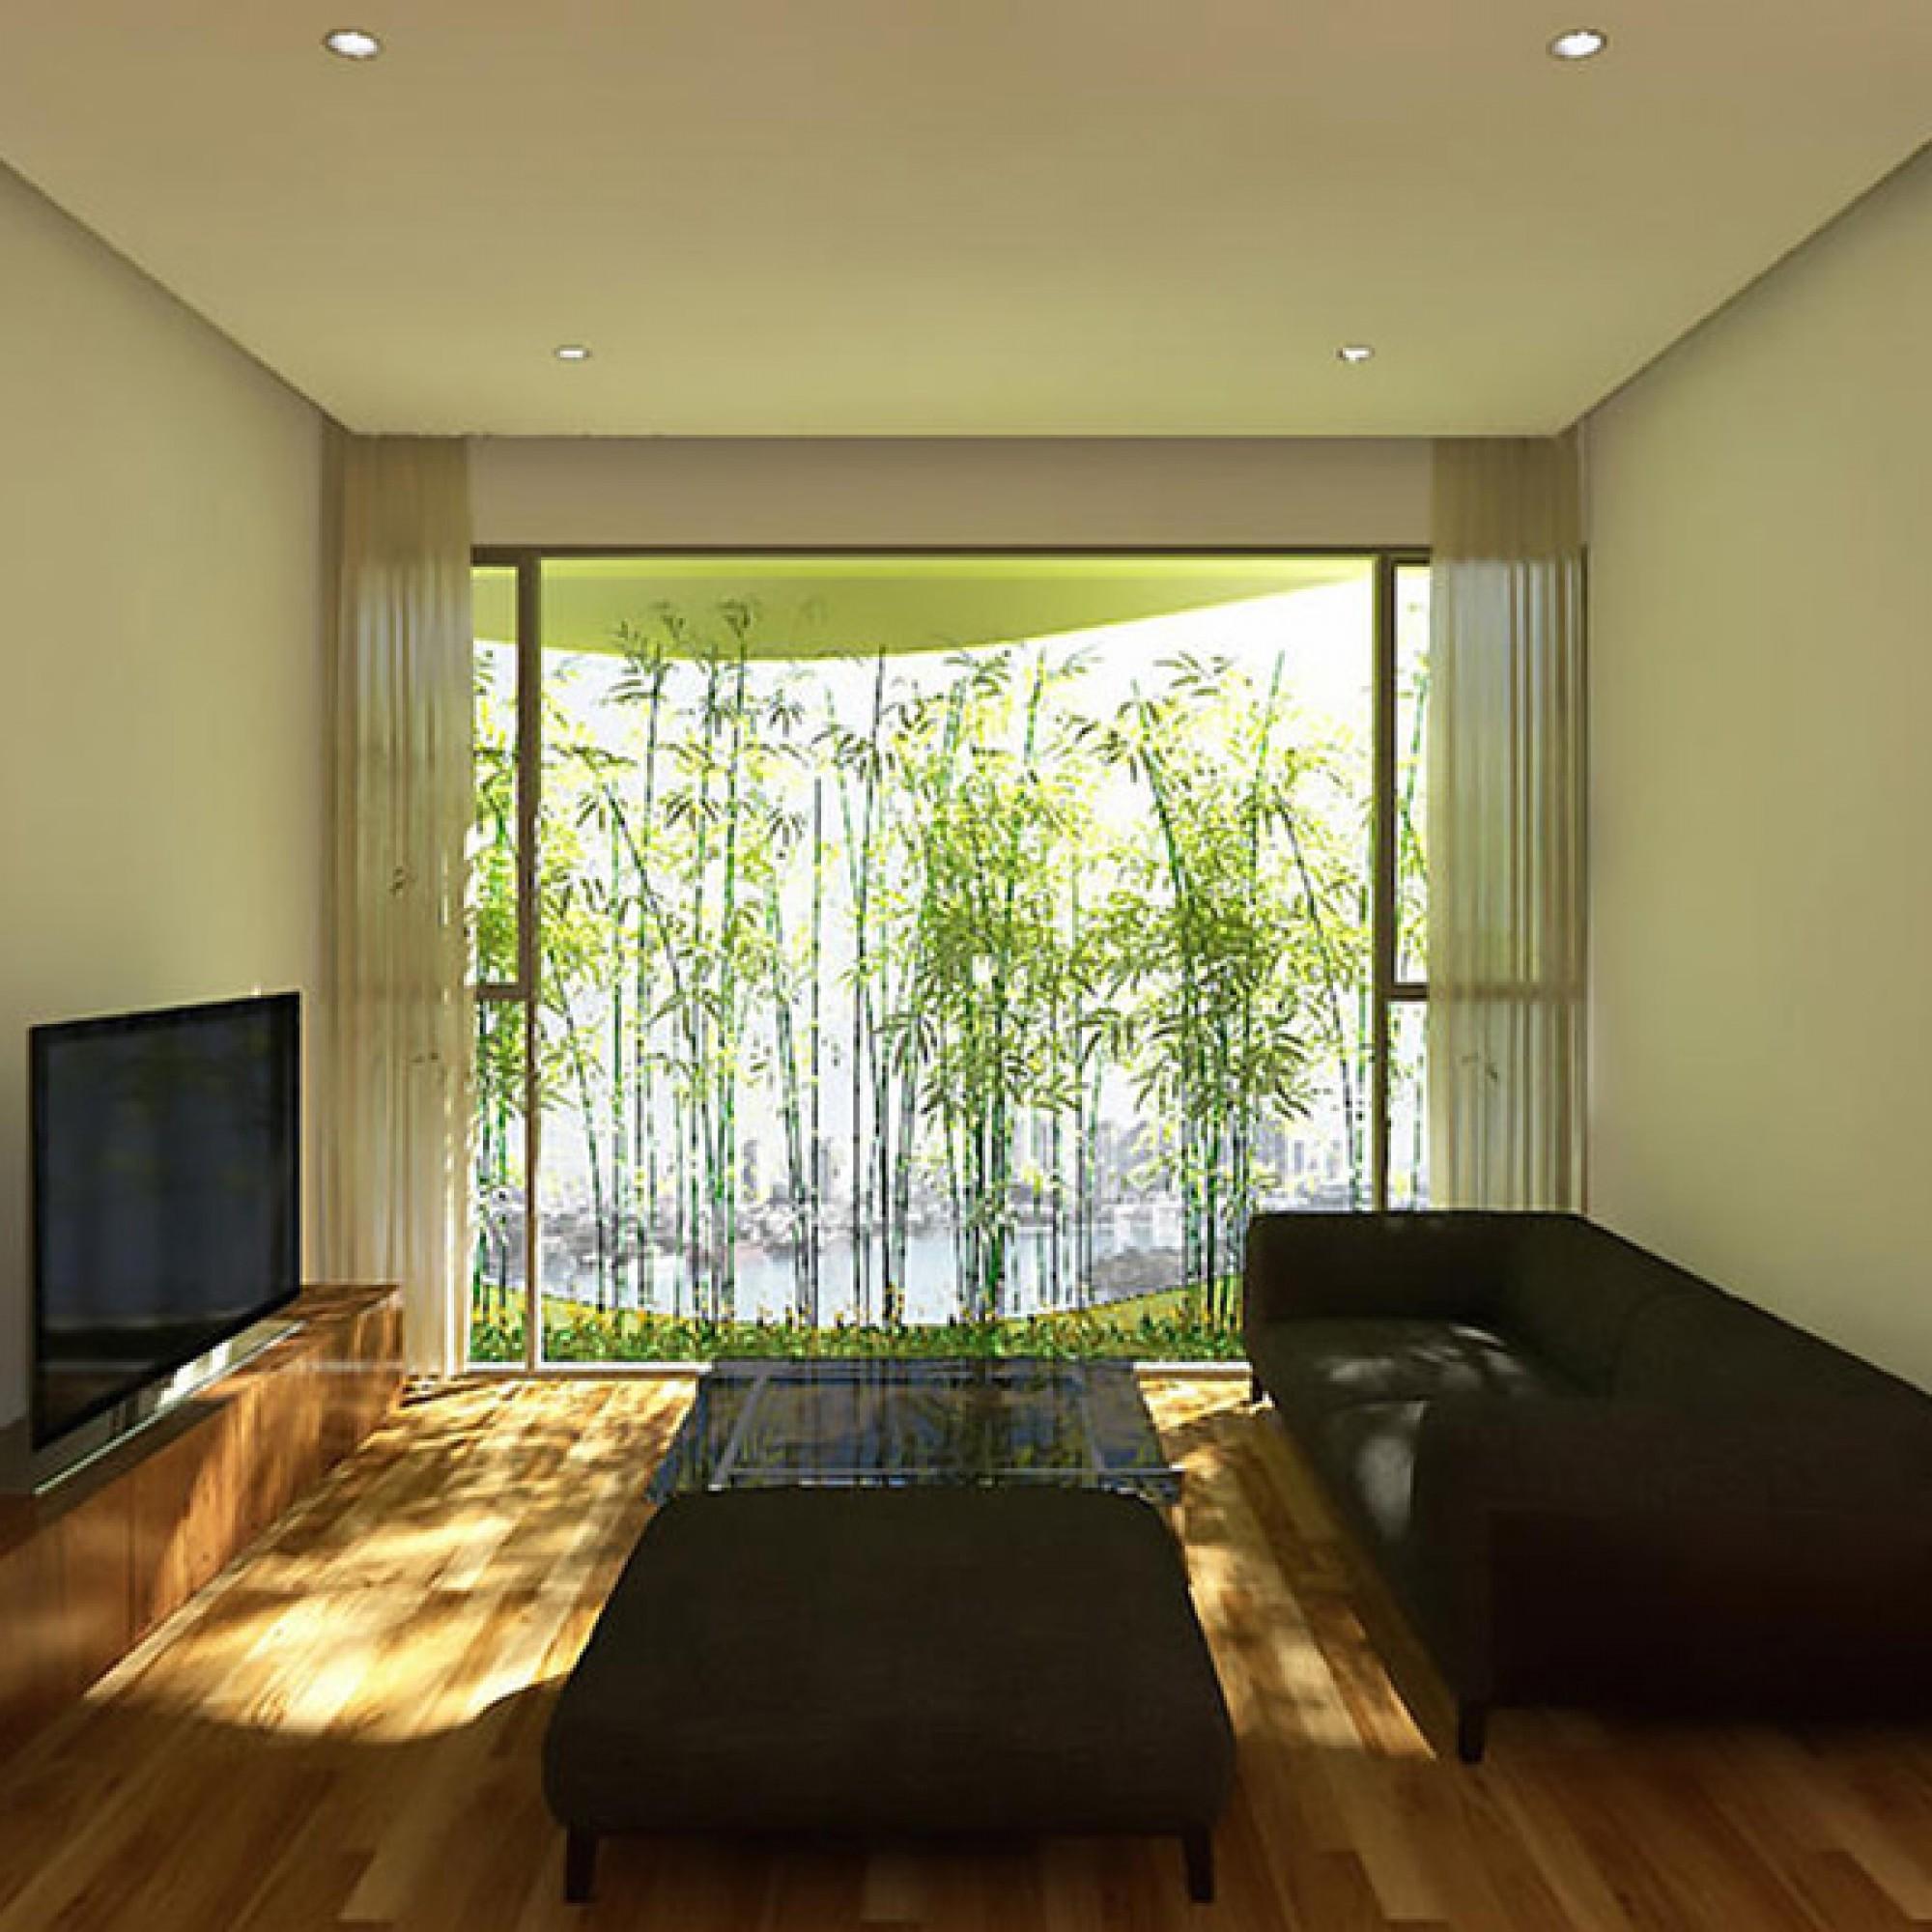 Die Wohnungen von innen: Bambuspflanzen vor den Fenstern sorgen für Schatten.